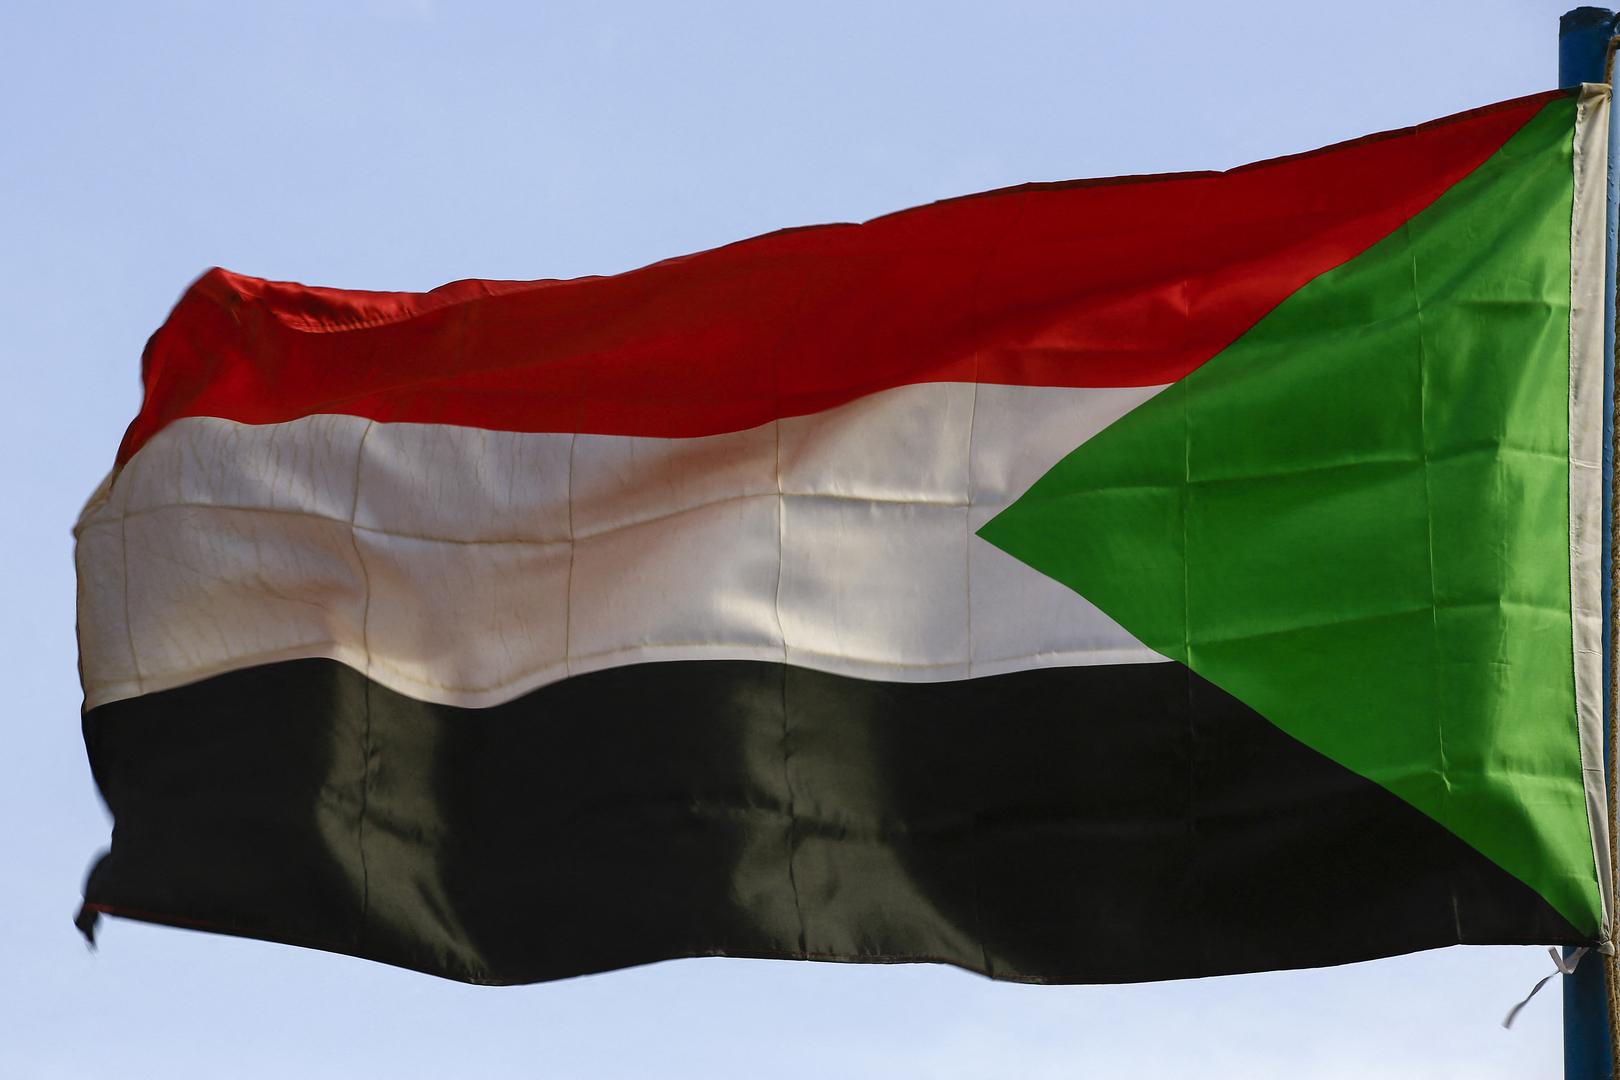 السودان: خطاب أديس أبابا بشأن سد النهضة يشكل خطرا على إثيوبيا نفسها